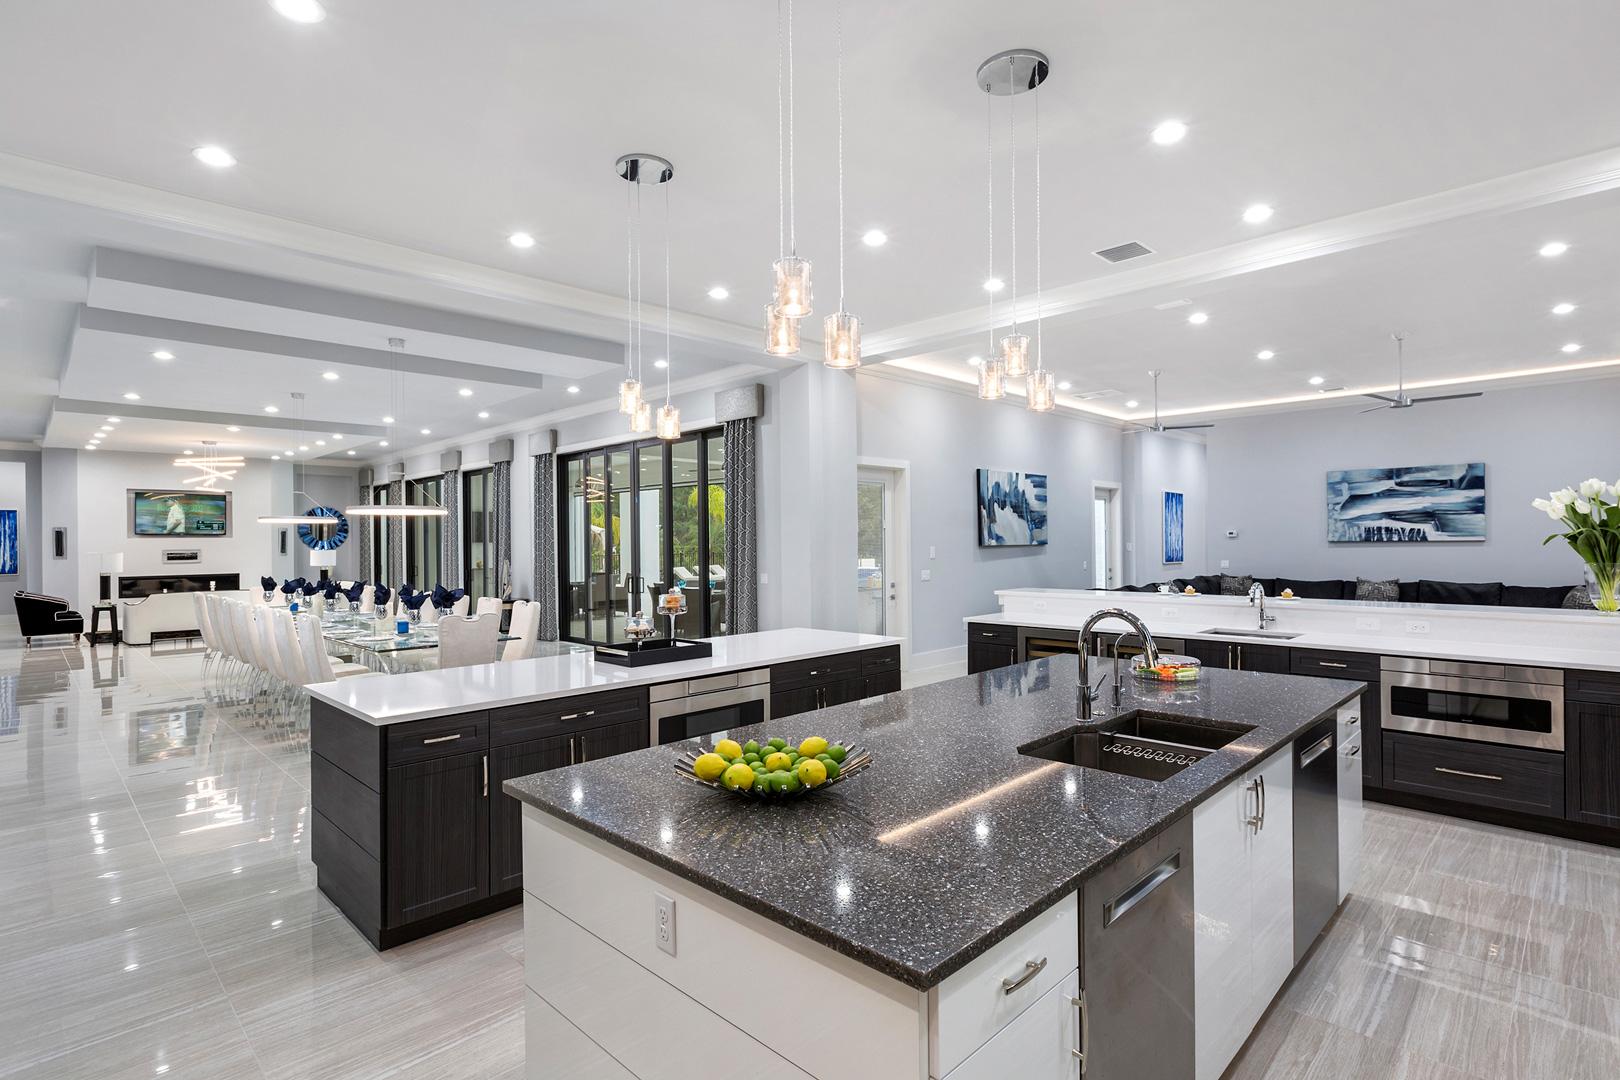 Kitchens32